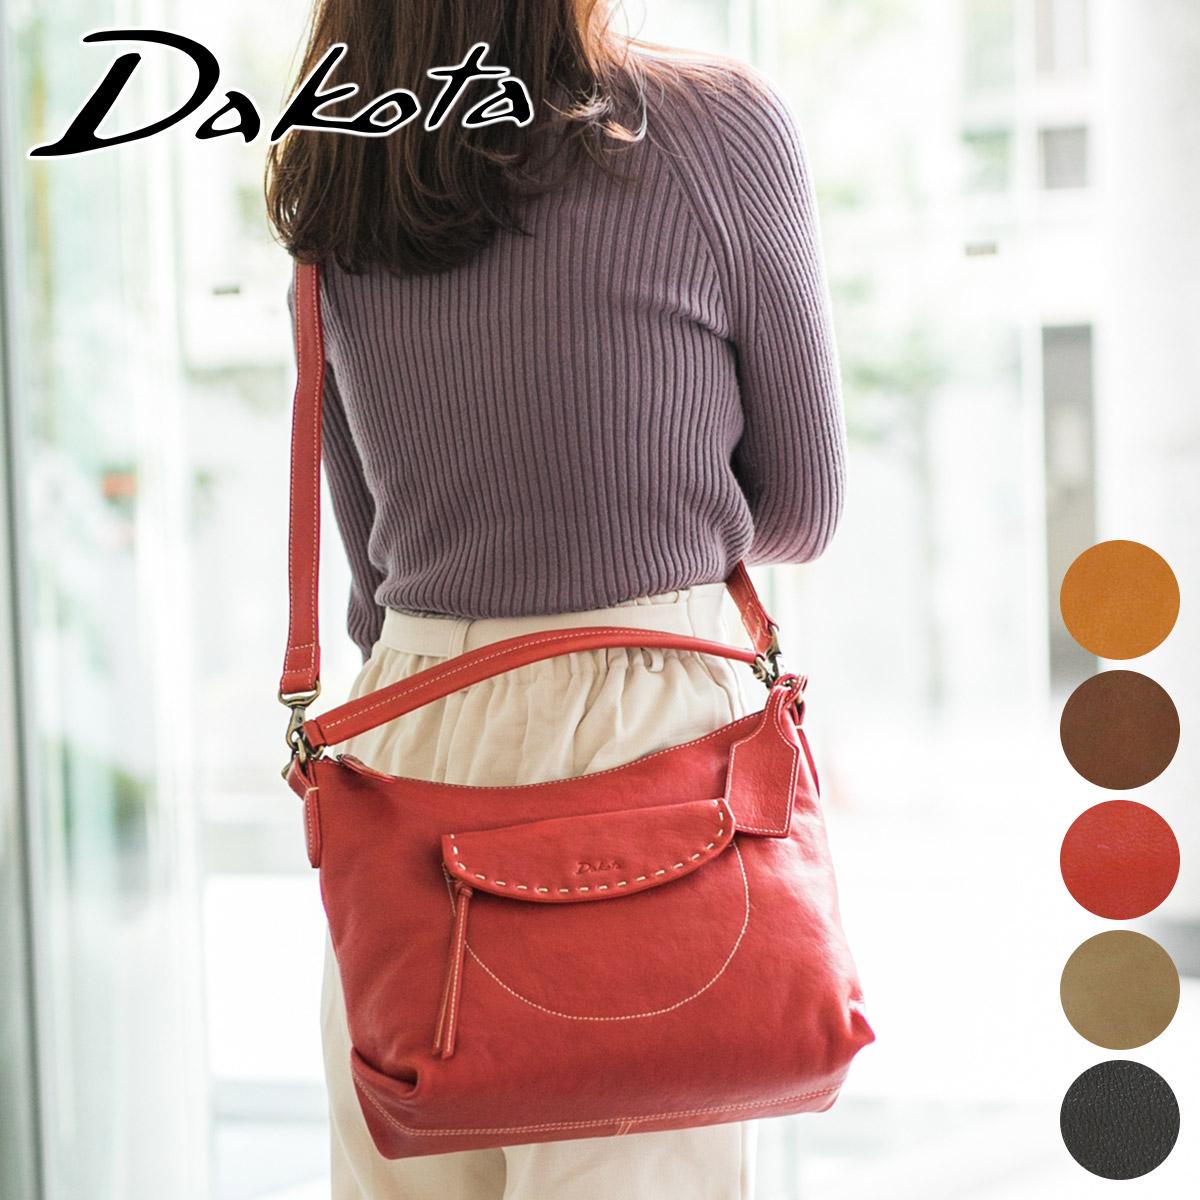 【かわいいWプレゼント付】 Dakota ダコタ バッグシャーロット 2WAY ショルダーバッグ 1033665レディース 斜めがけ ギフト かわいい おしゃれ プレゼント ブランド